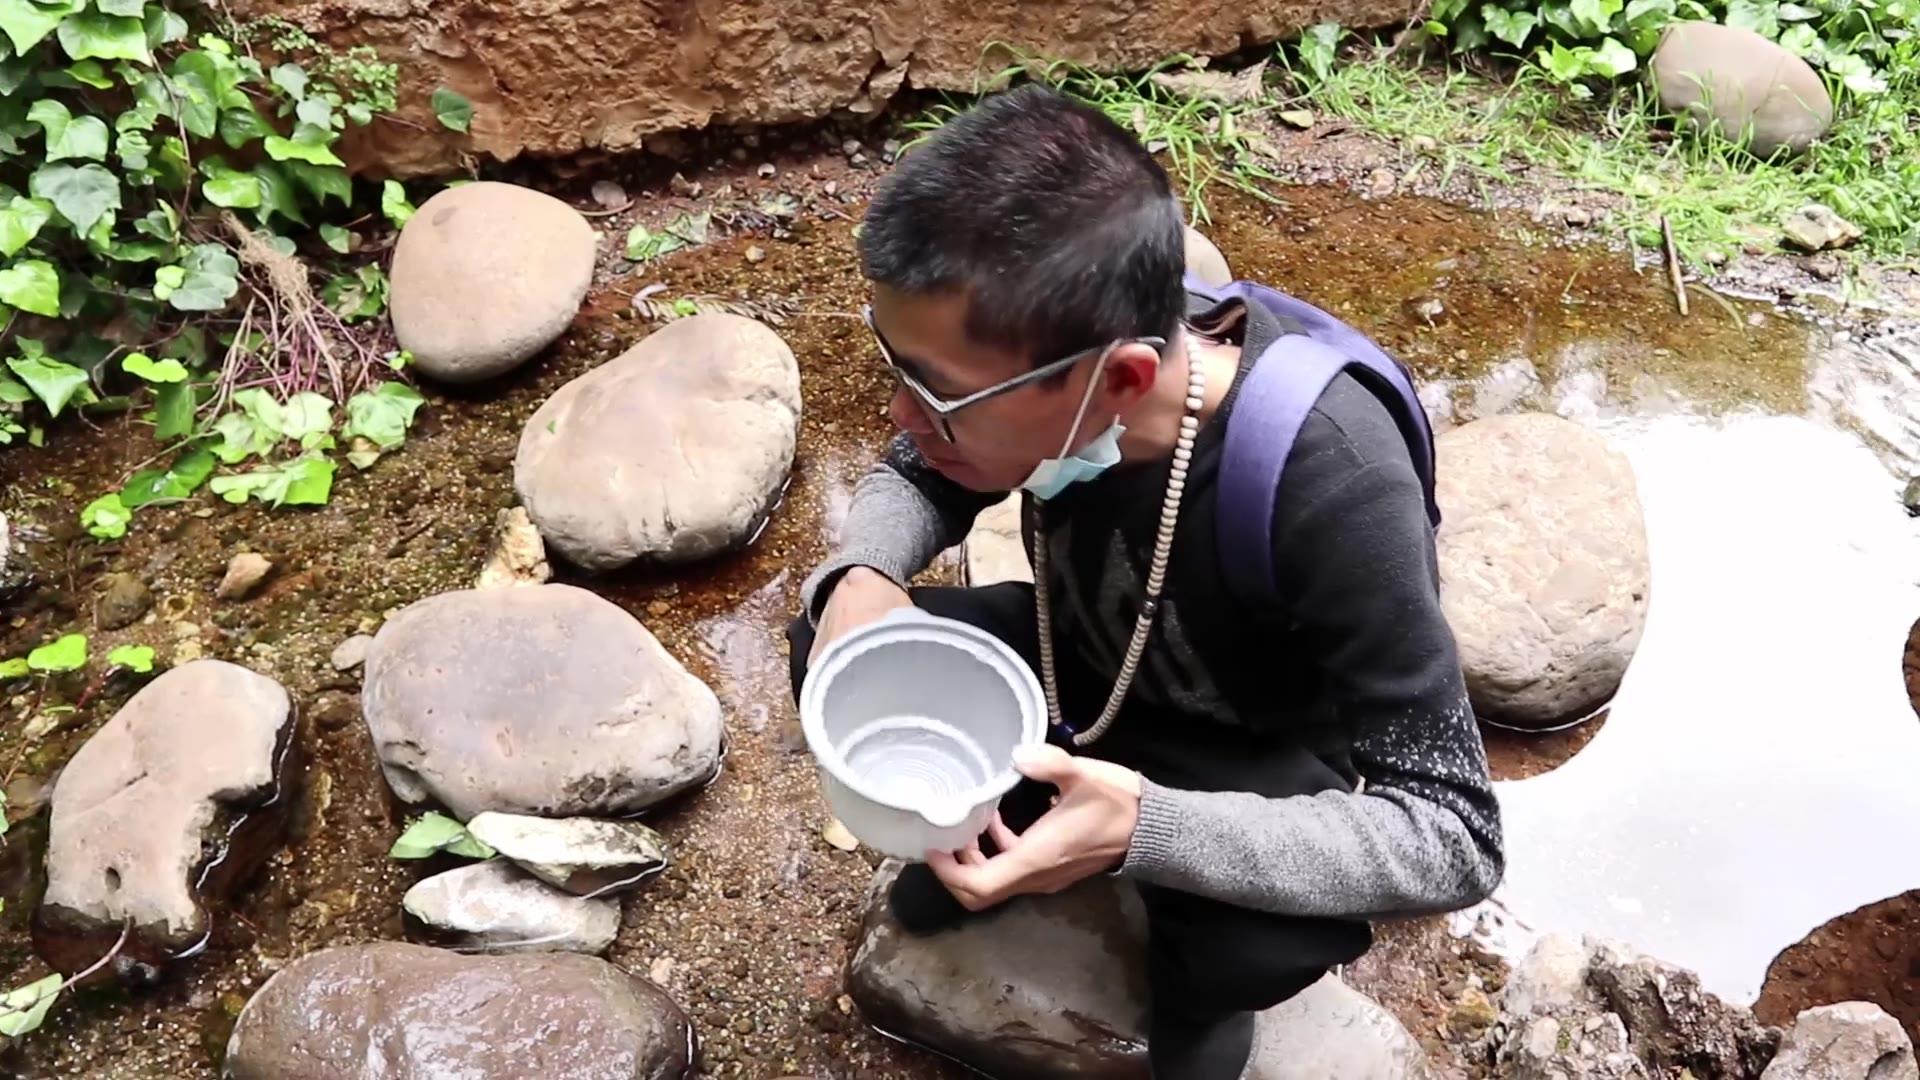 丽江黑龙潭竟然还有山泉水,这样直接喝不会有问题吧